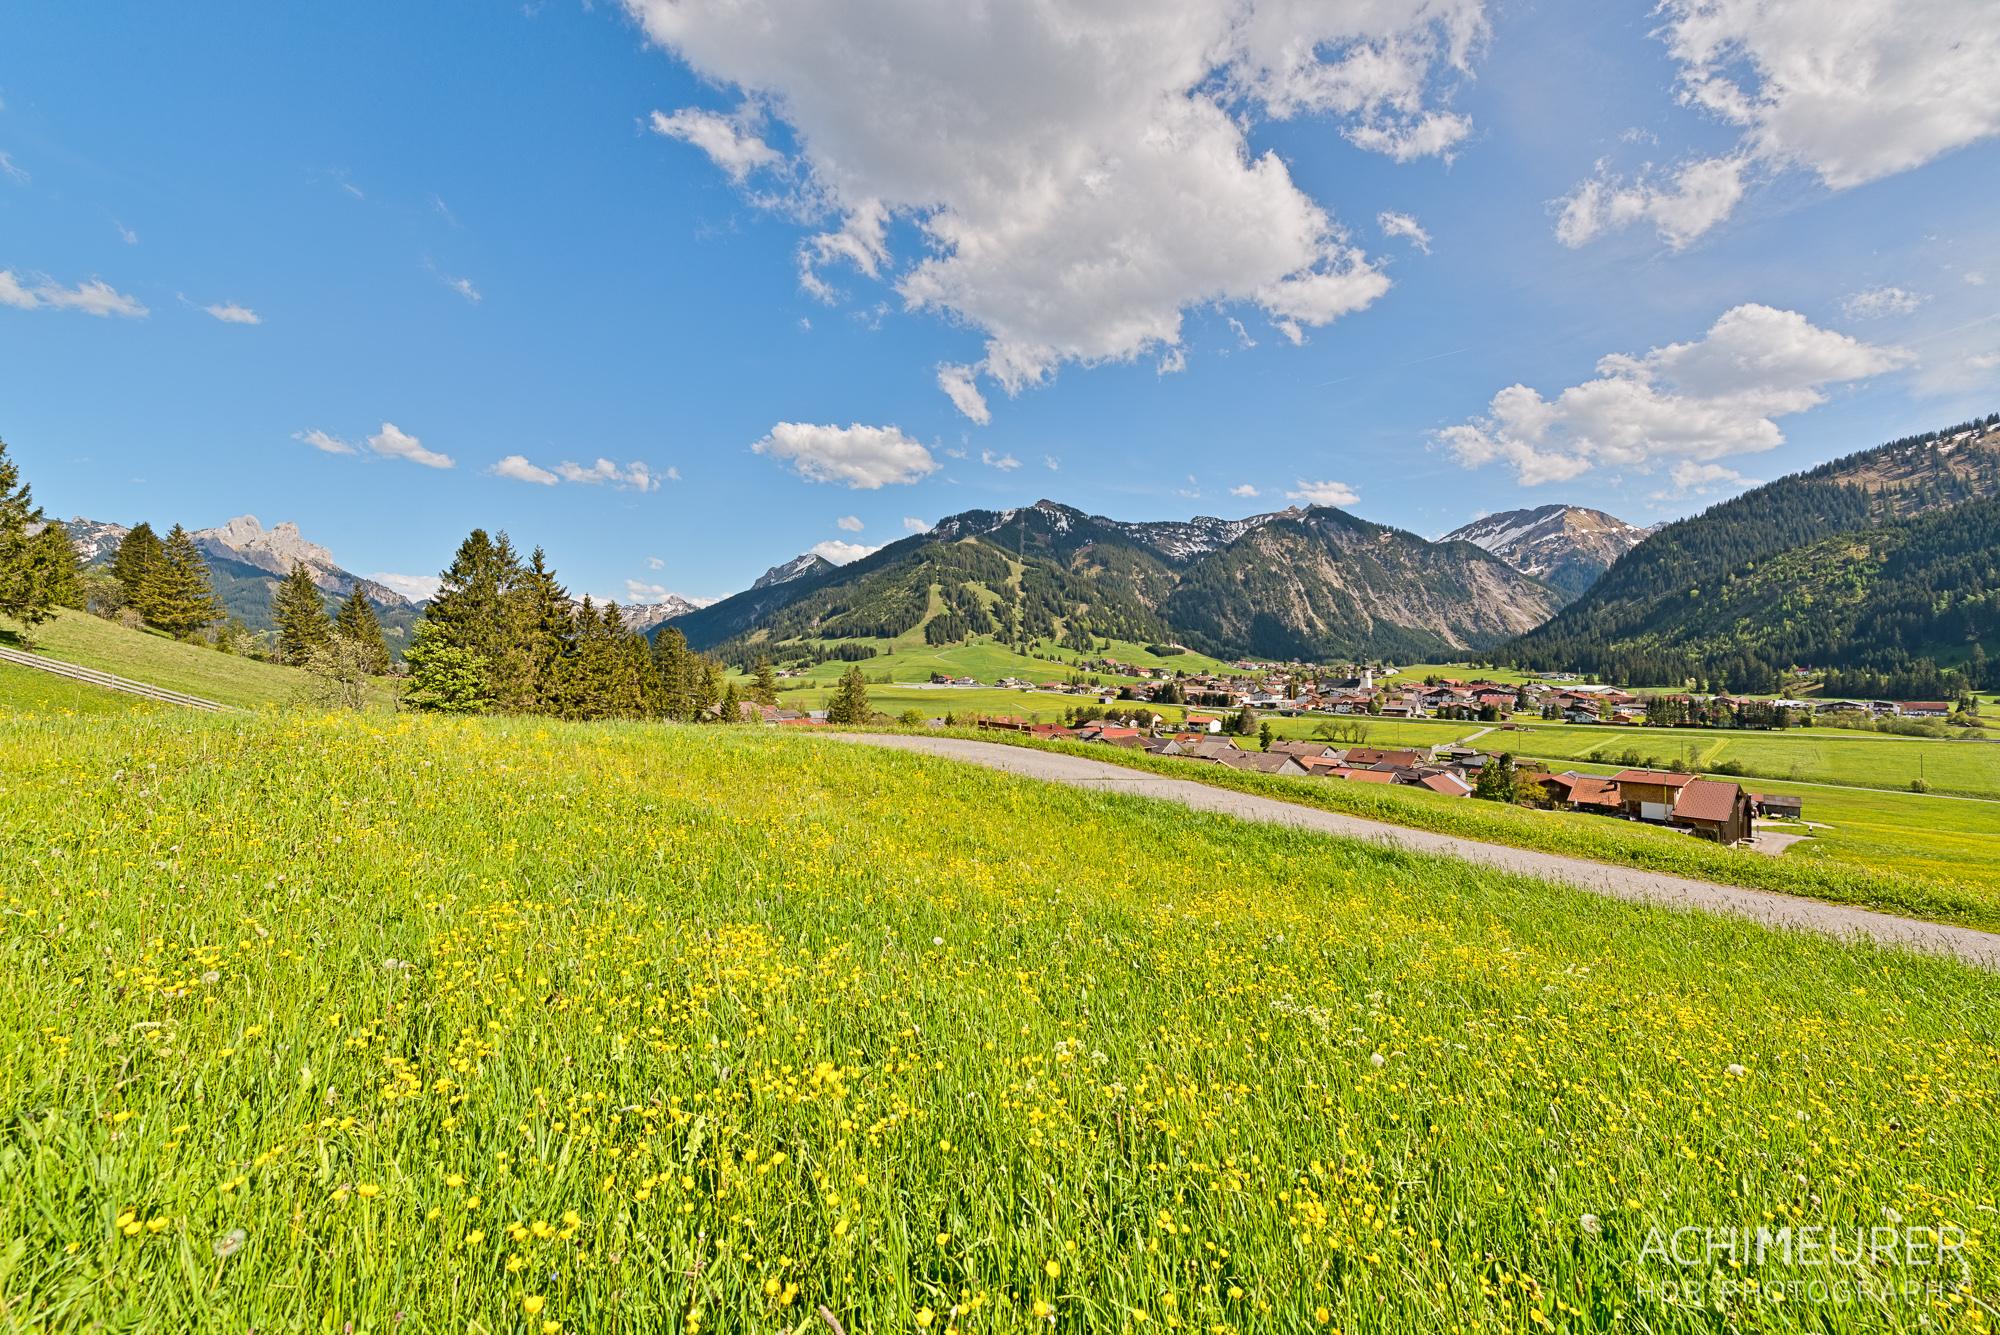 Tannheimer-Tal-Fruehling-Landschaft-Wiese-Blumen_2049_8_7_6_5_HDR